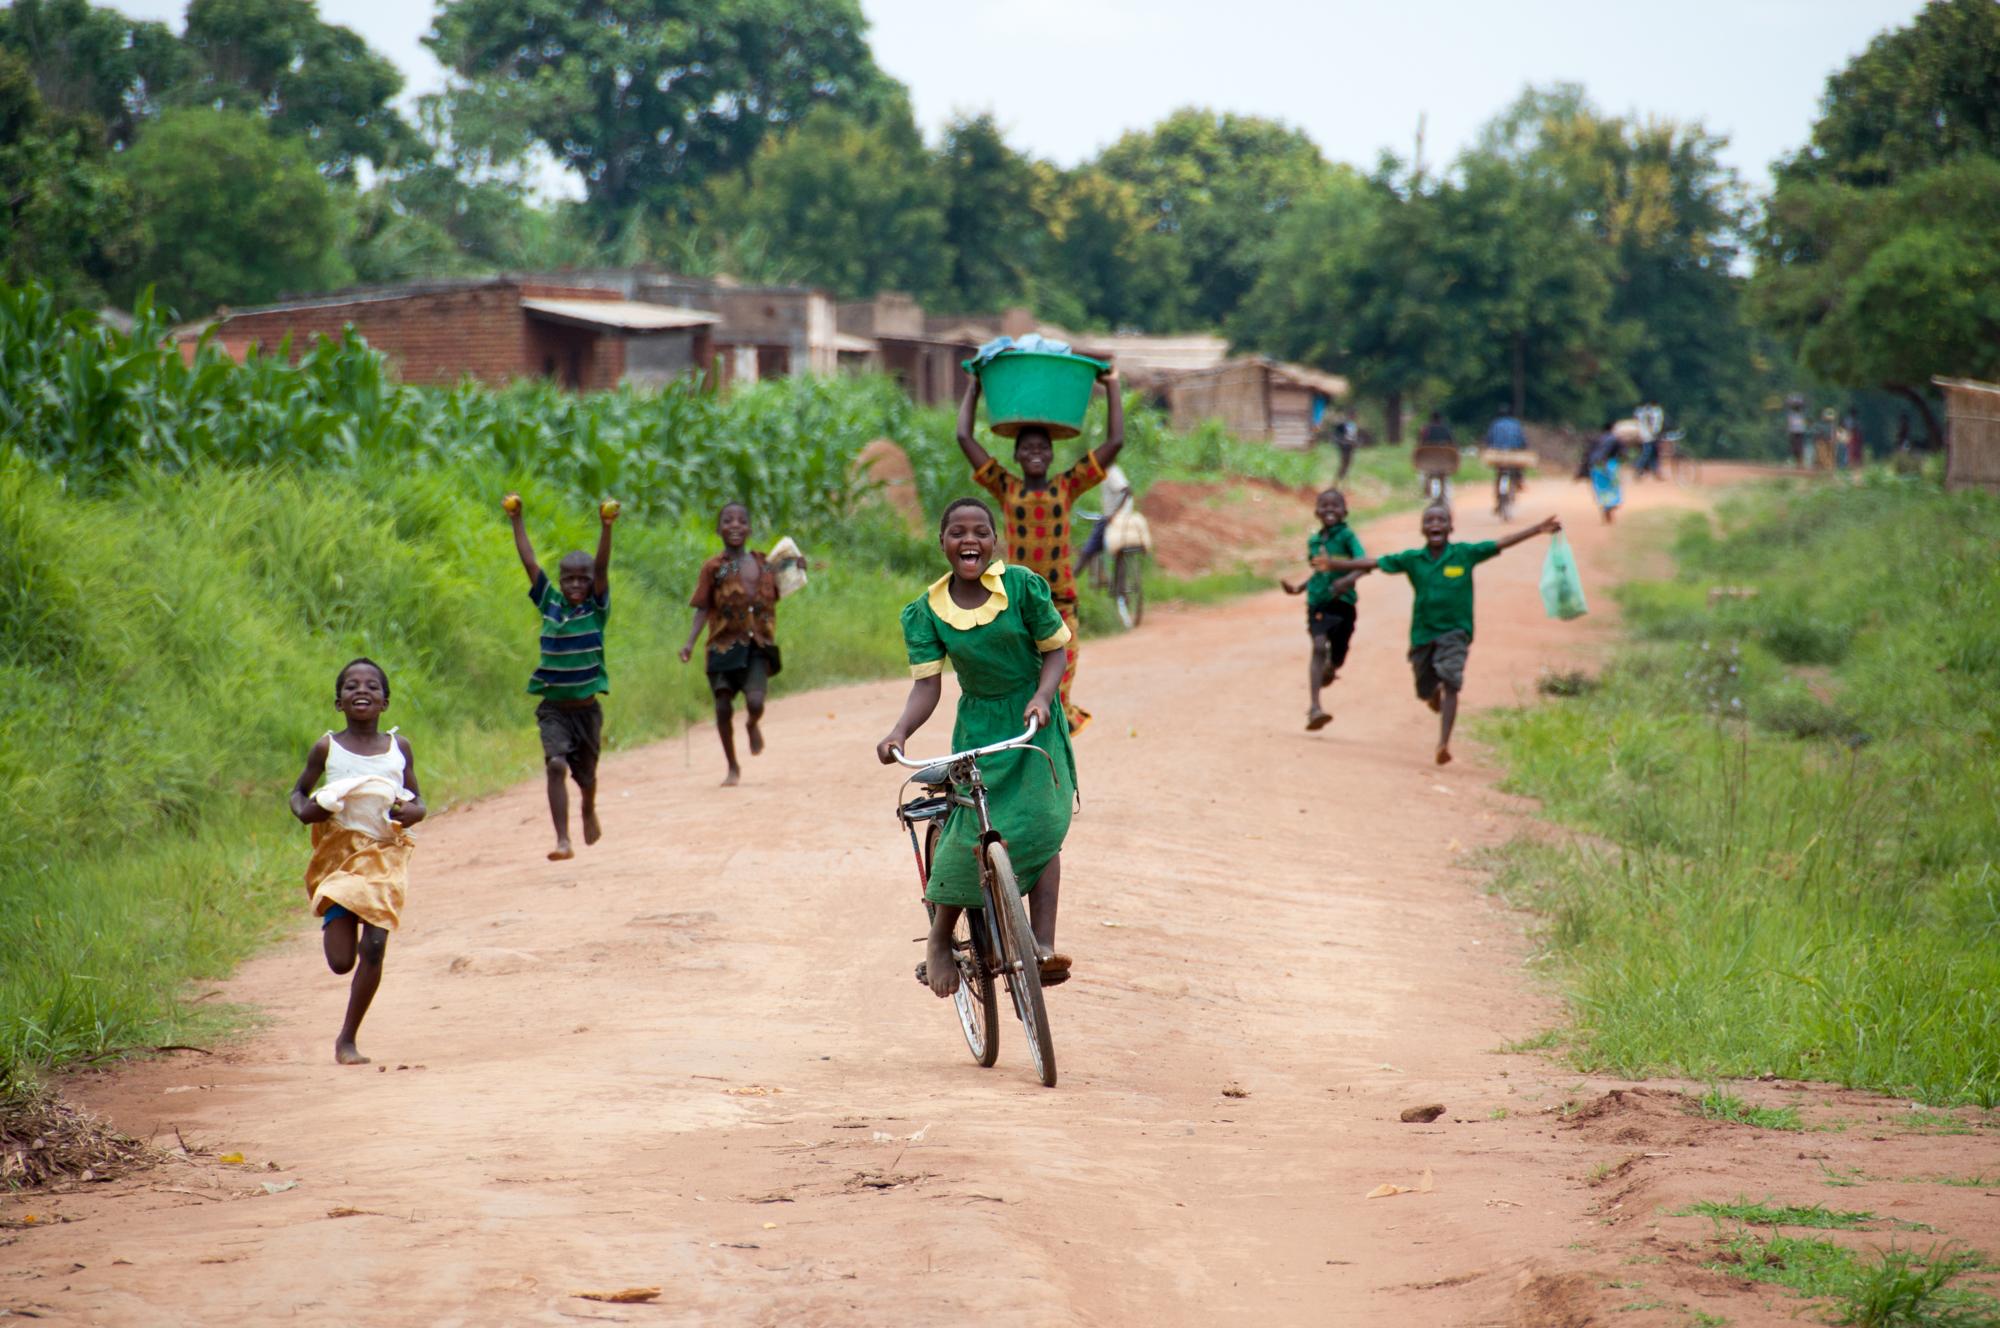 WIllkommen_in_Malawi